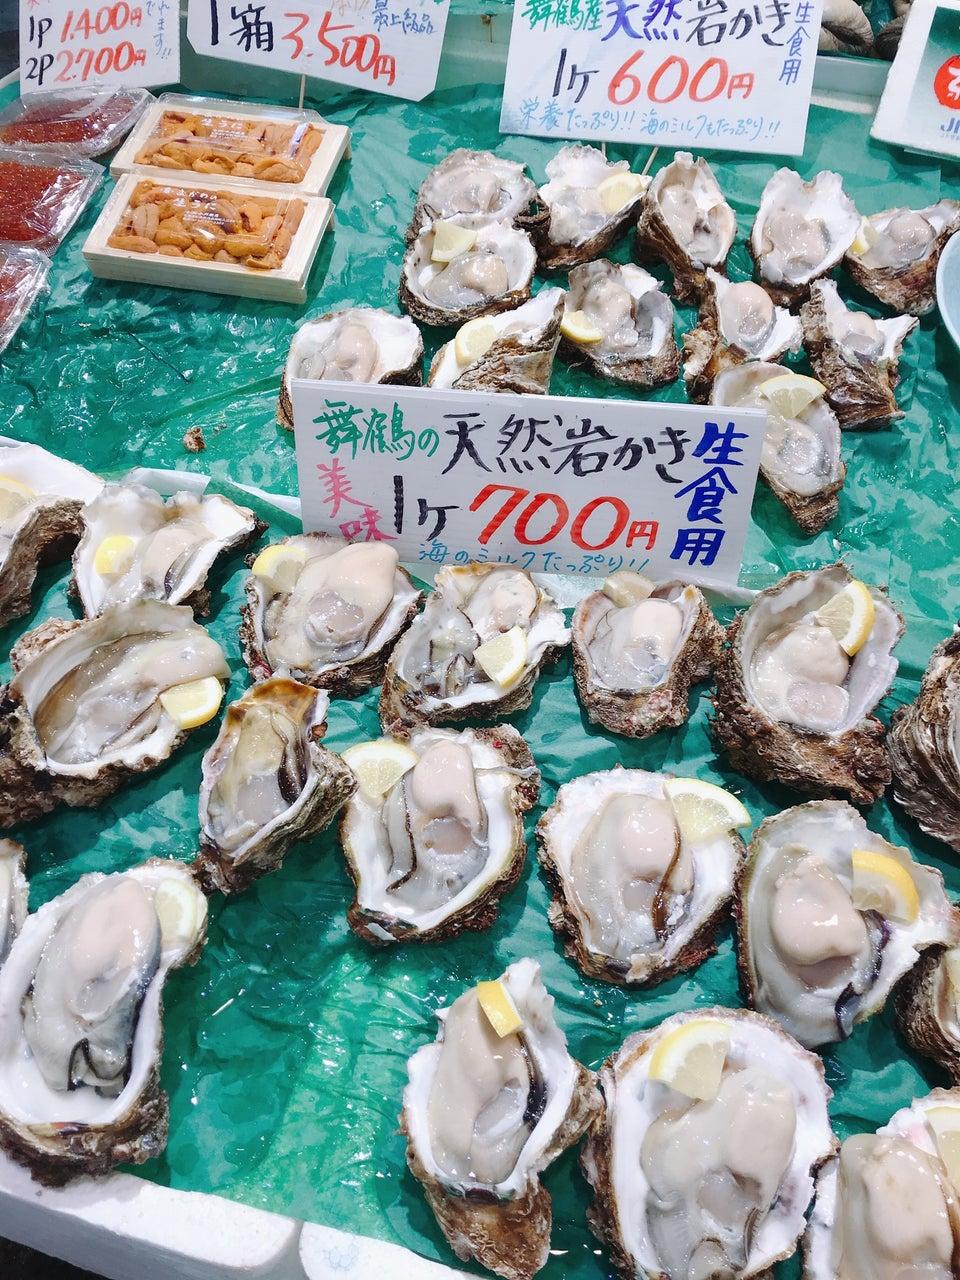 舞鶴Toretore中心海鮮市場2